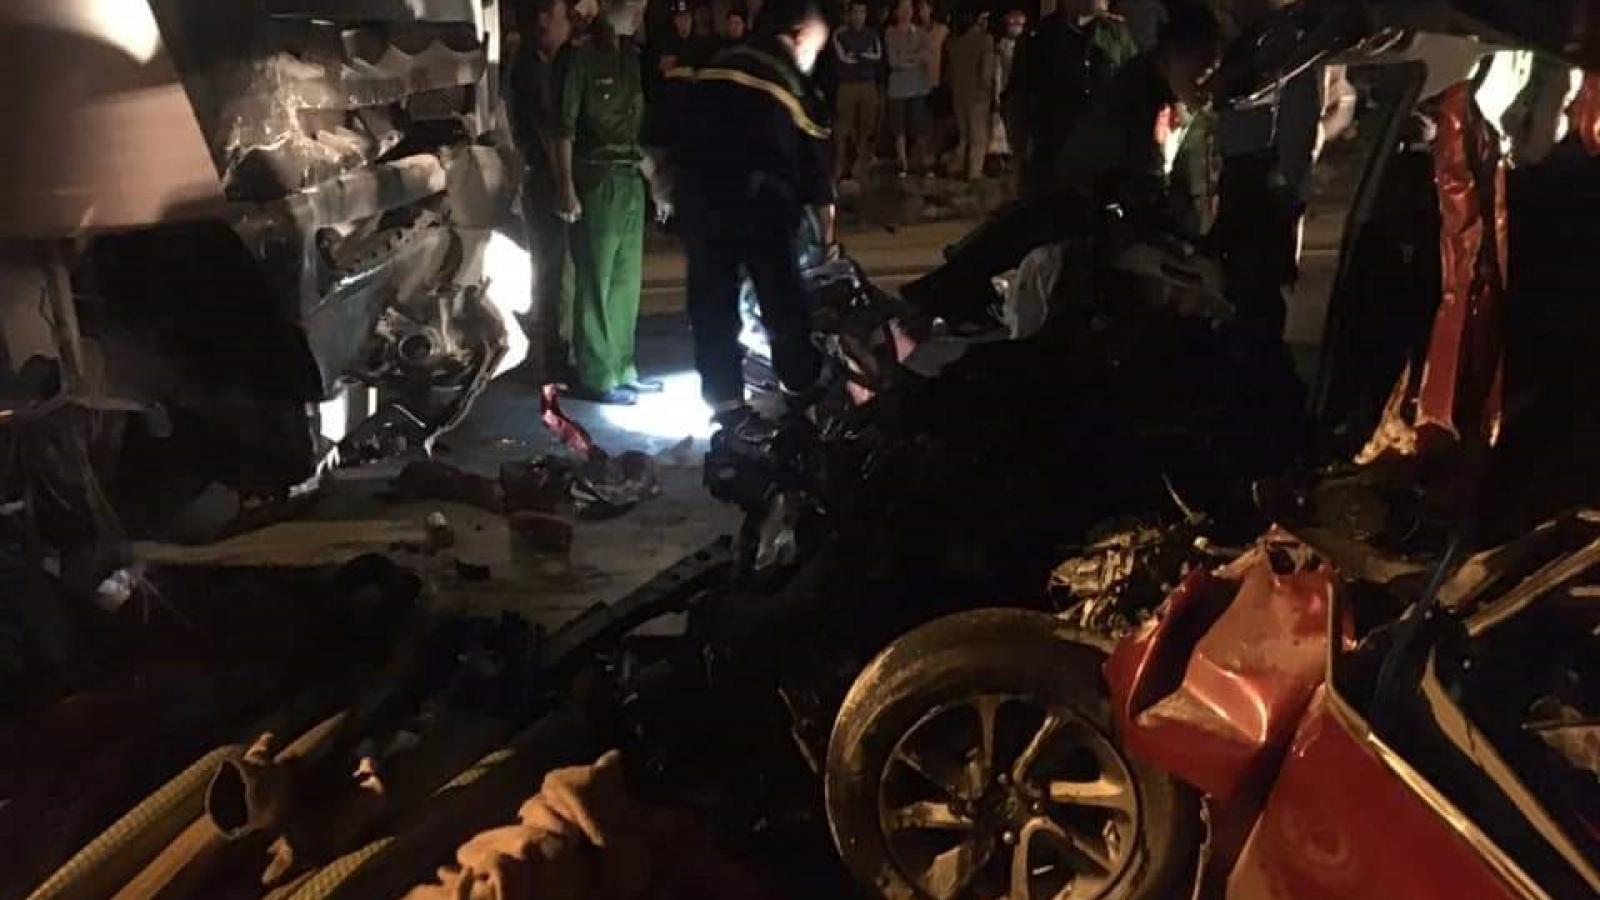 Xe 4 chỗ đối đầu xe tải, 1 người chết và 1 người bị thương nặng